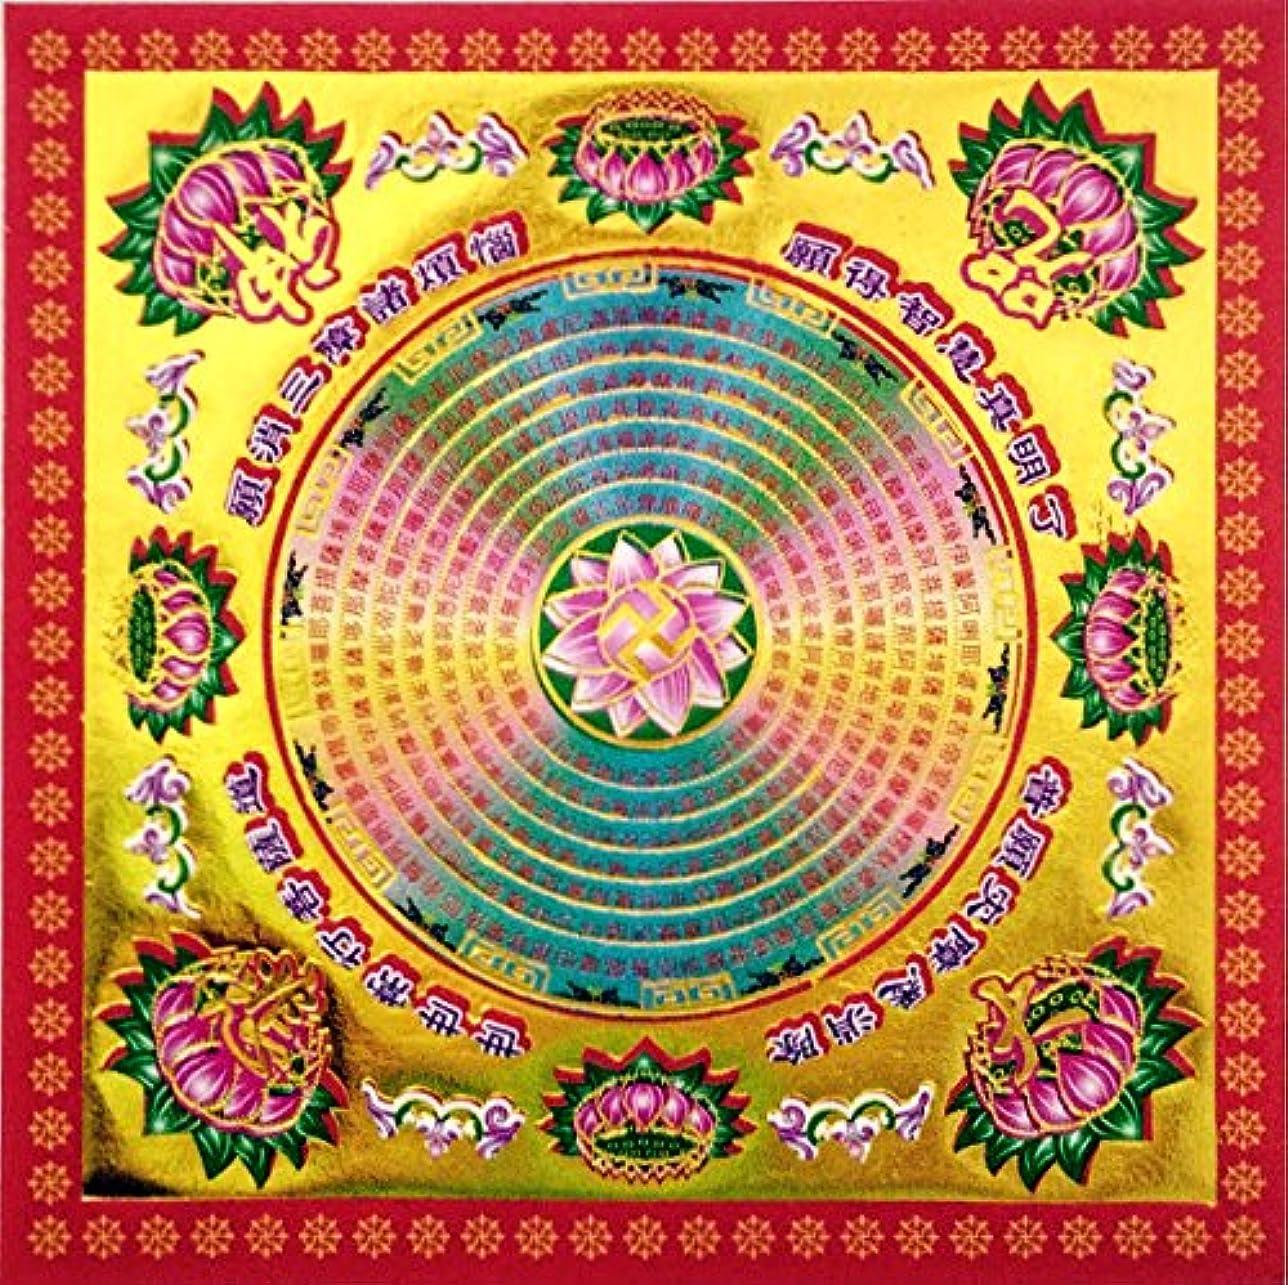 インド不信プログラム49pcs Incense用紙/ Joss用紙ハイグレードカラフルwithゴールドの箔Sサイズの祖先Praying 7.5インチx 7.5インチ(レッド)